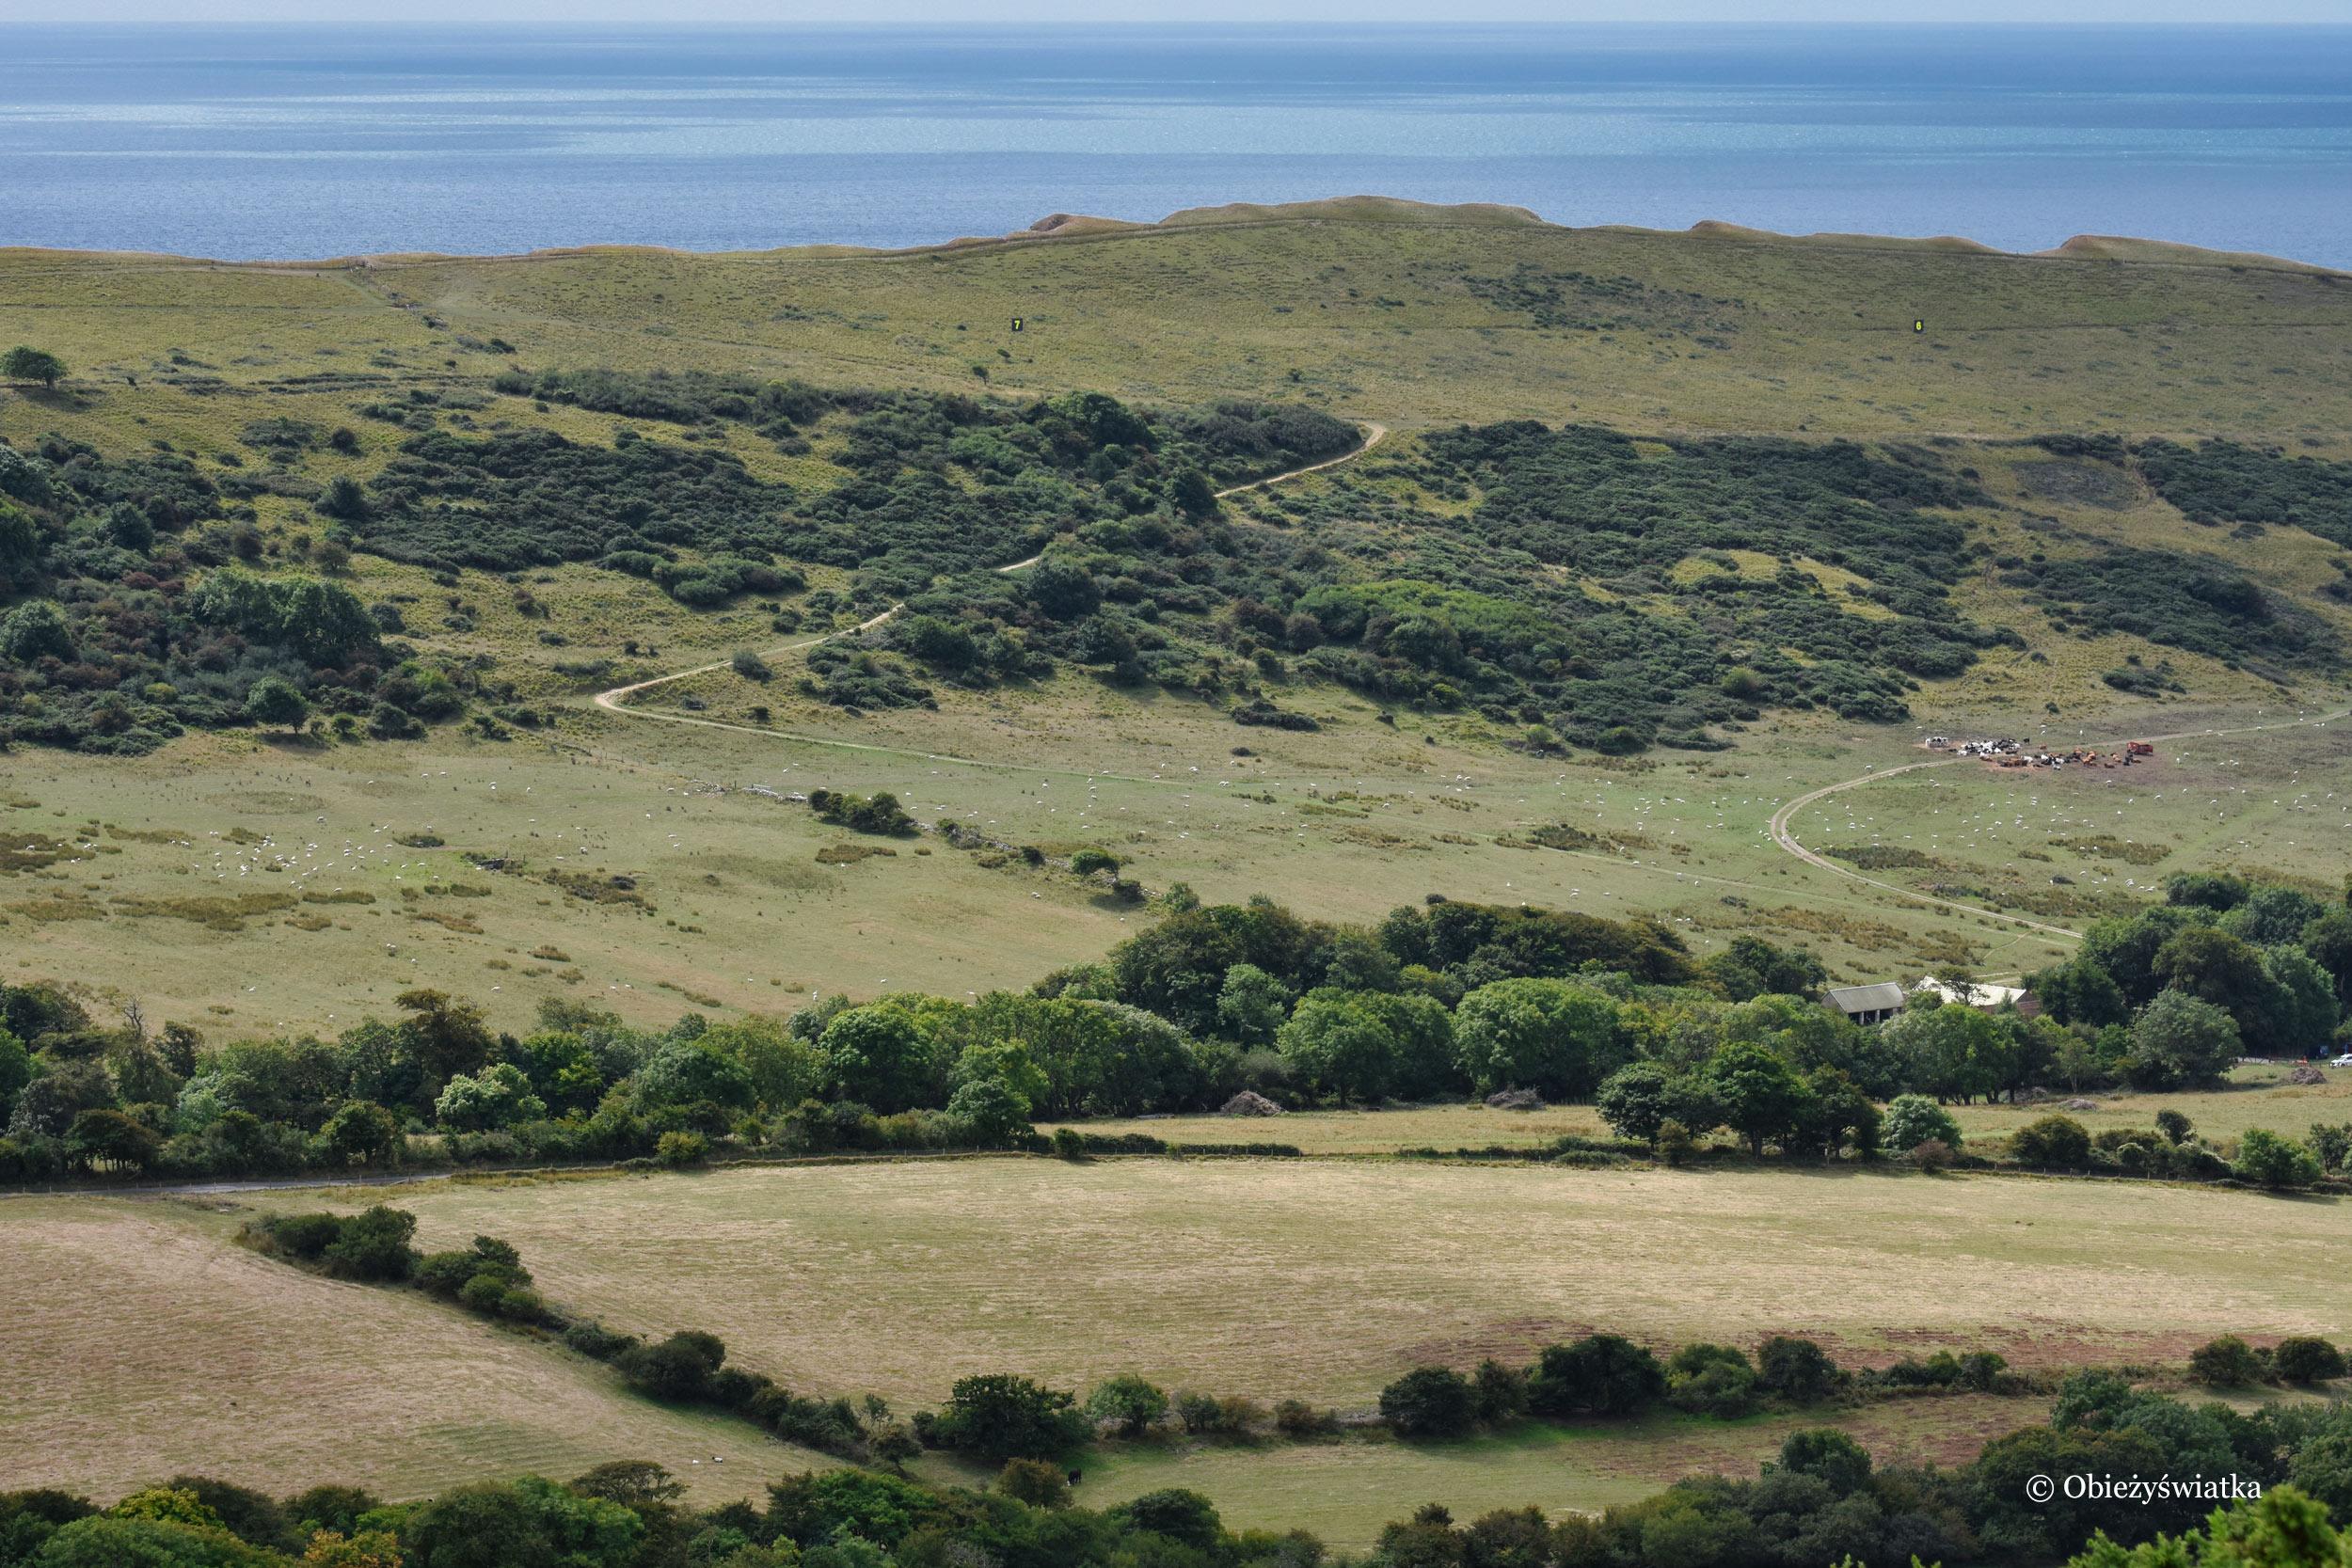 Nadmorski krajobraz w hrabstwie Dorset